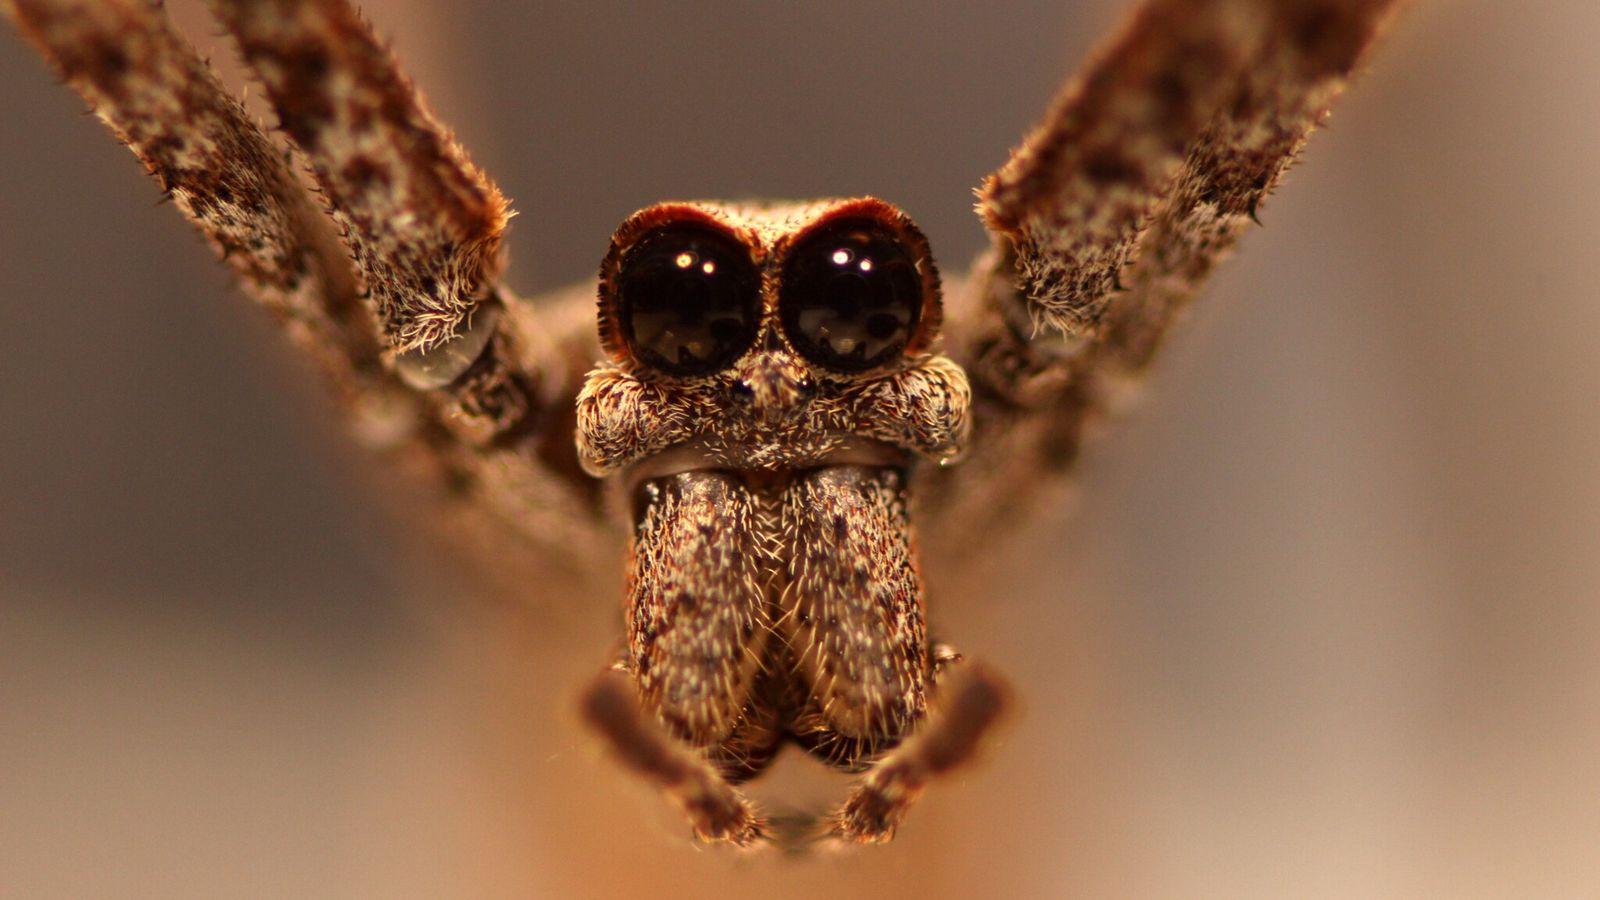 Las arañas cara de ogro reciben ese nombre por los dos enormes ojos en el frente ...